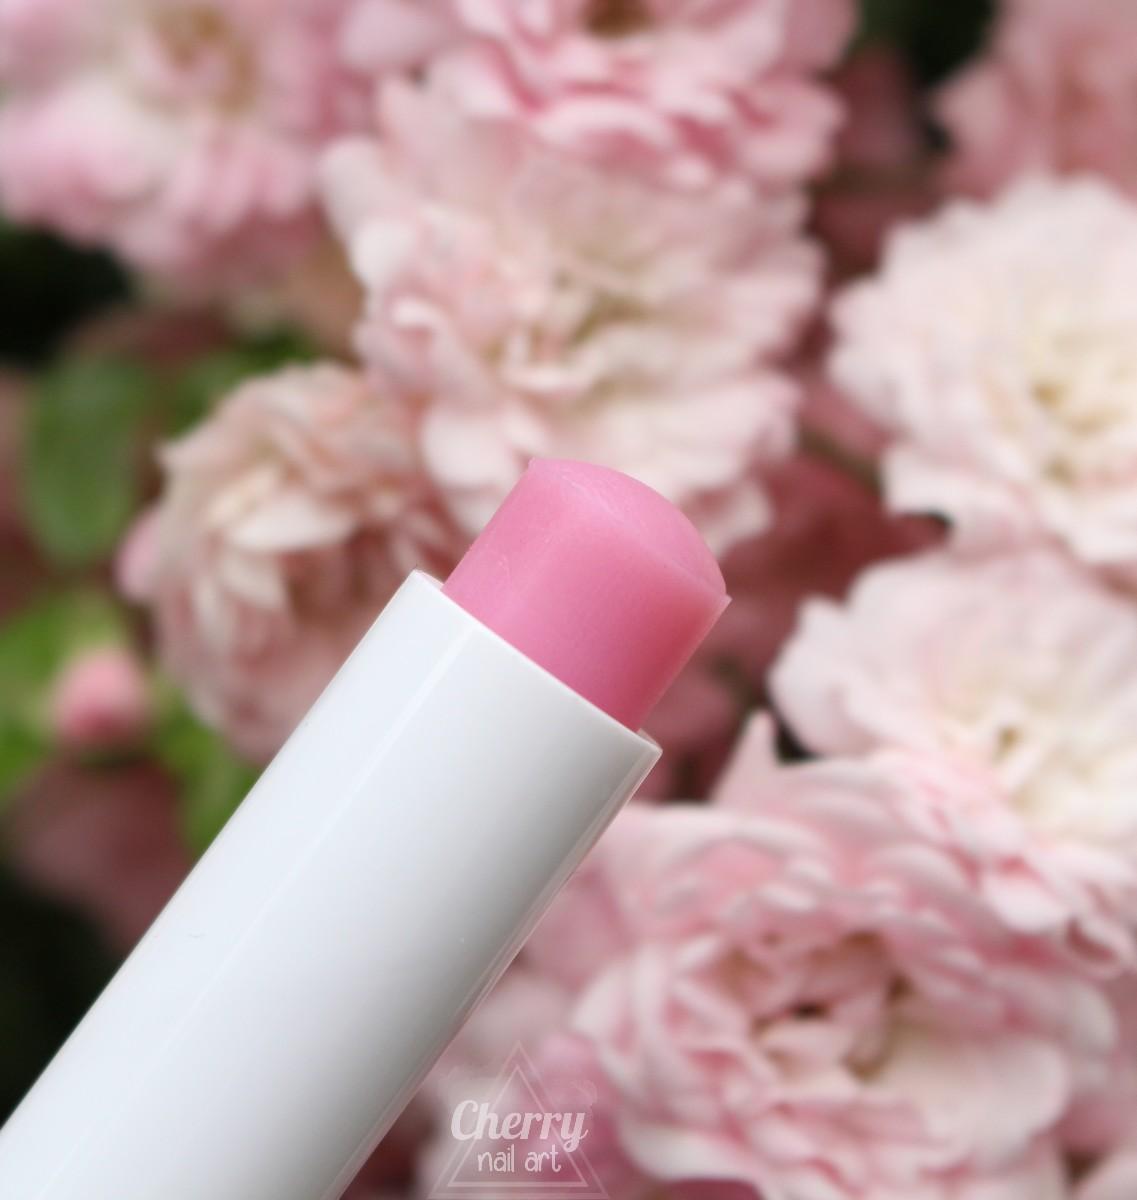 baume-à-lèvres-cien-lidl